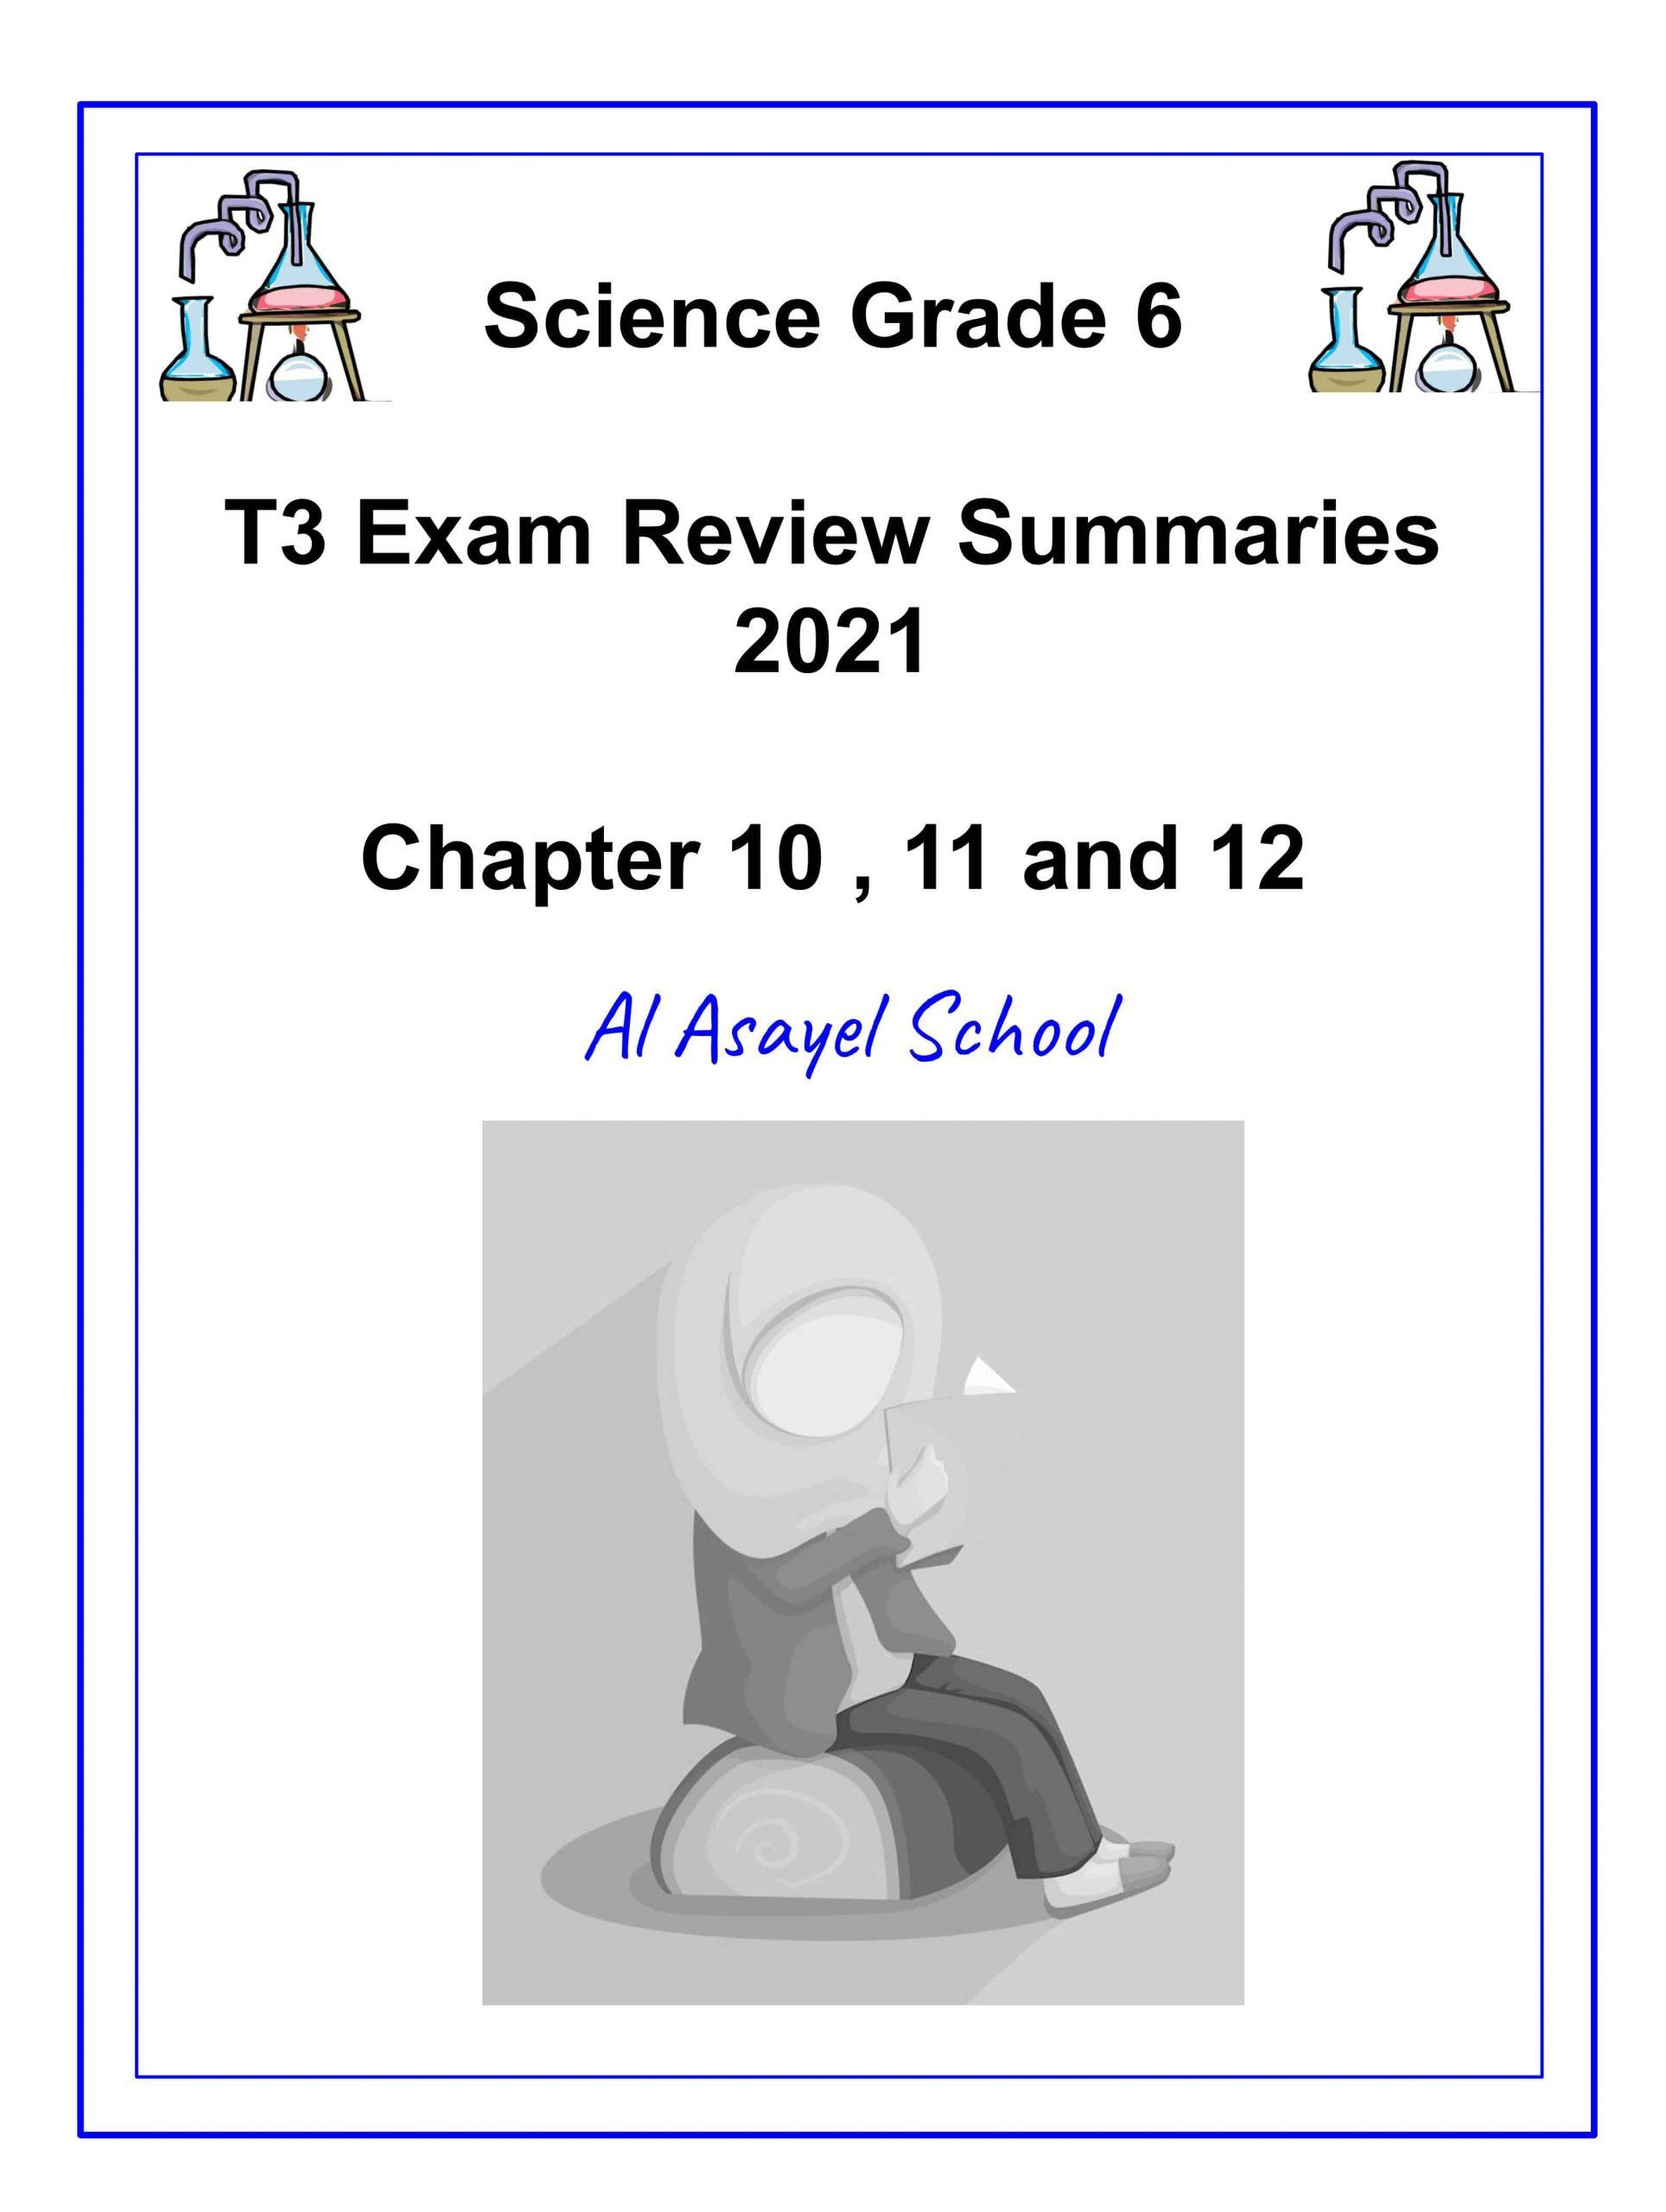 ملخص Exam Review Summaries بالإنجليزي الصف السادس مادة العلوم المتكاملة